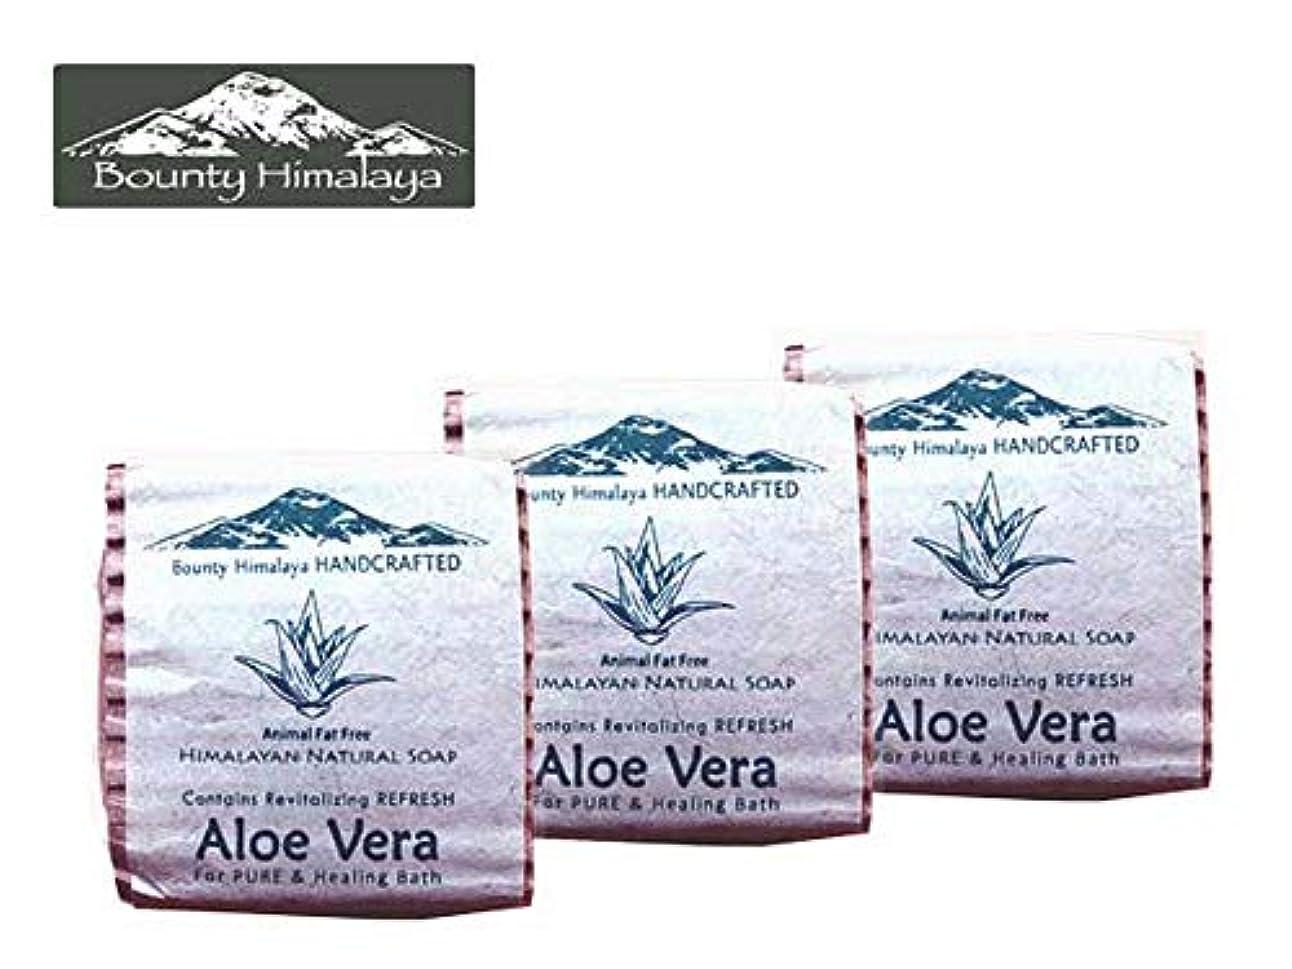 アーユルヴェーダ ヒマラヤ アロエベラ ソープ3セット Bounty Himalaya Aloe Vera SOAP(NEPAL AYURVEDA) 100g